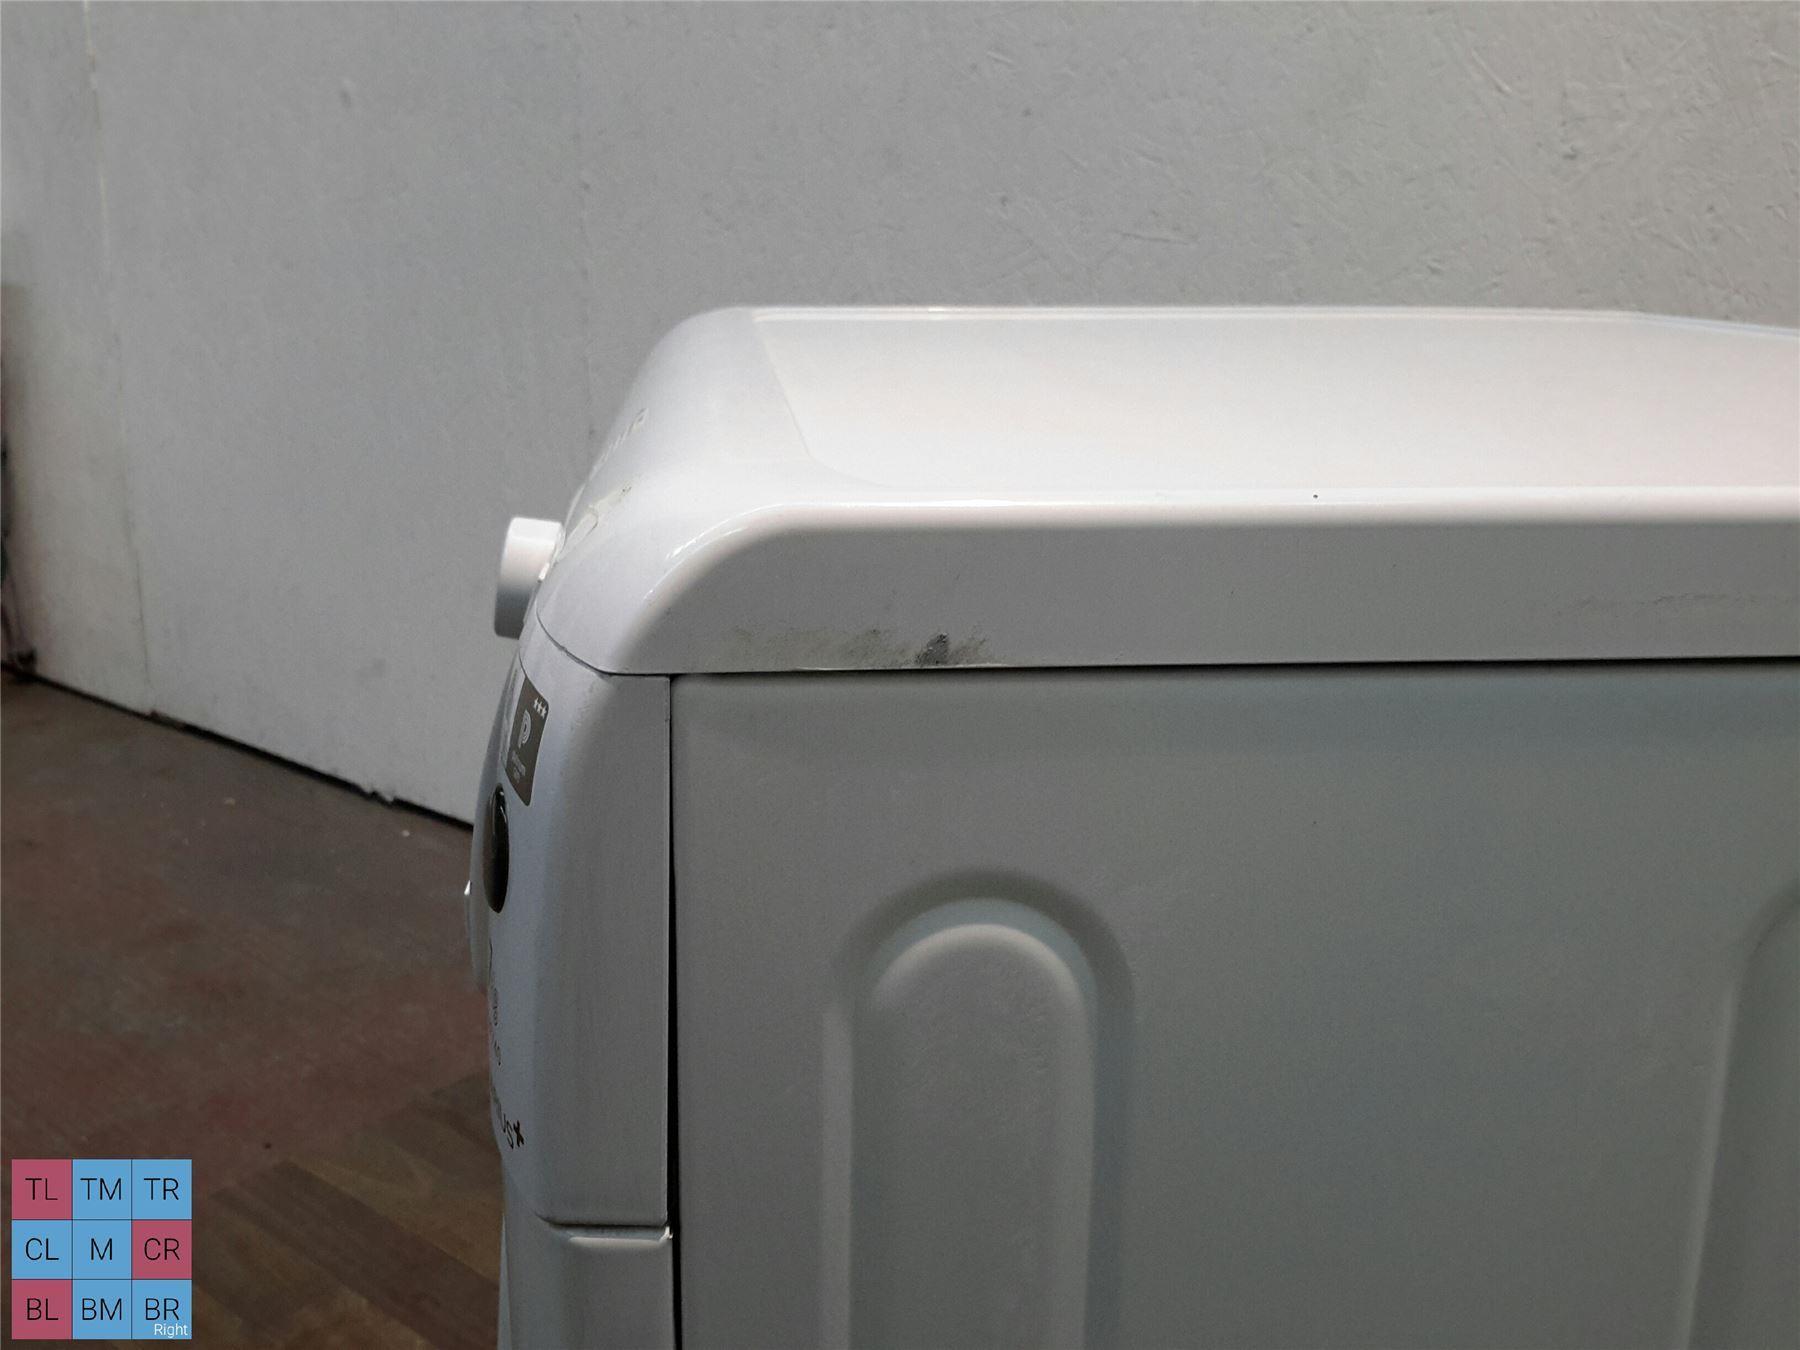 Hotpoint Wmf740 Freestanding 7kg Capacity Washing Machine